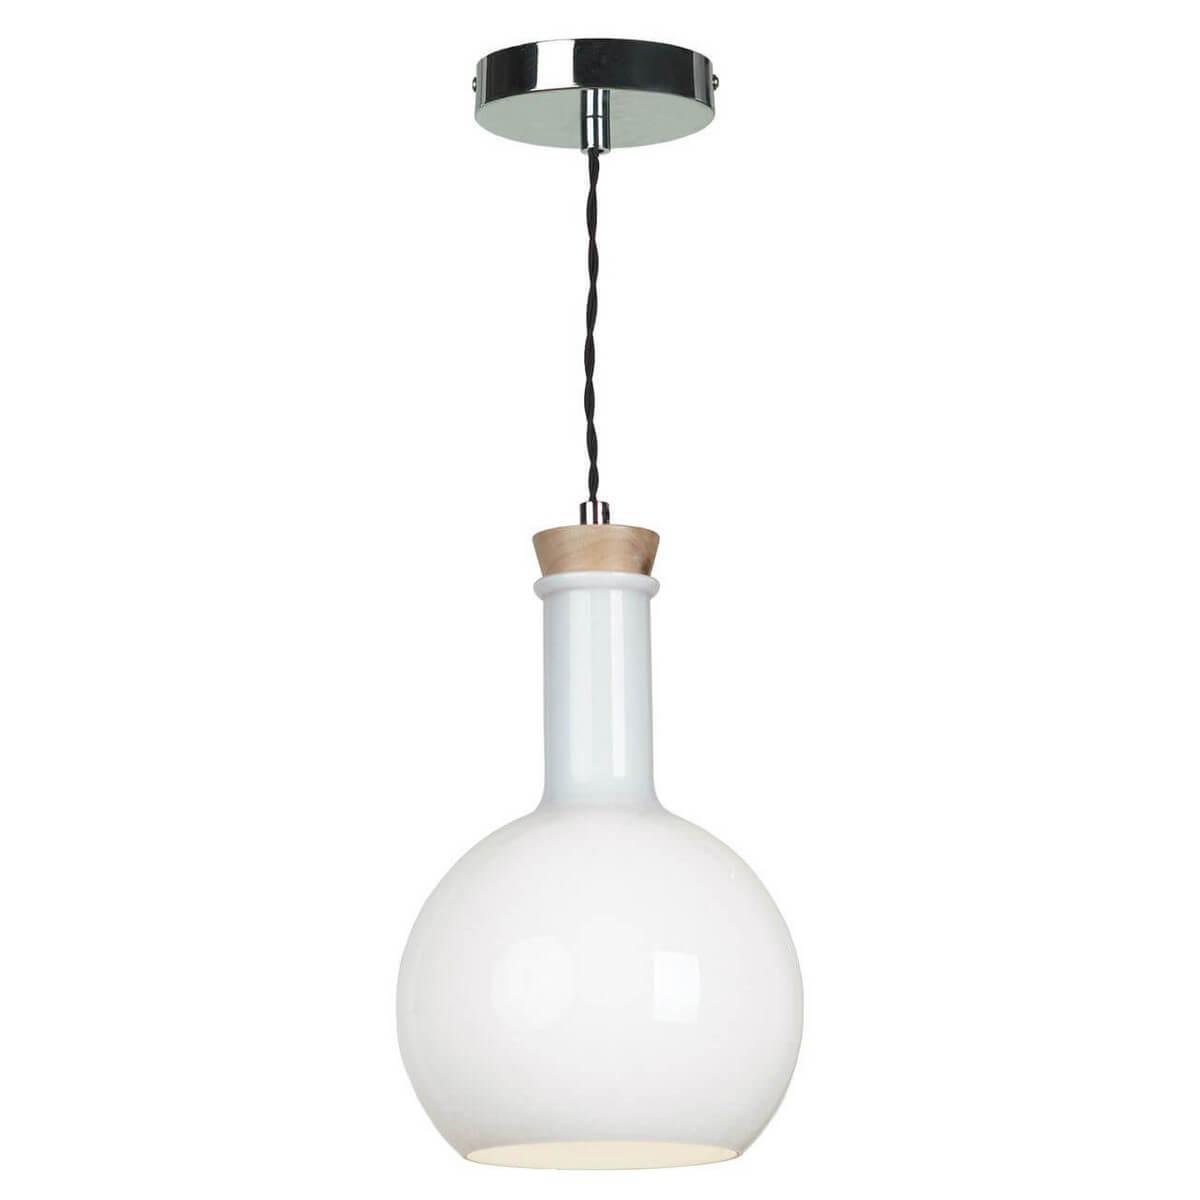 Подвесной светильник Lussole GRLSP-9637, E27, 11 Вт подвесной светильник lussole grlsp 9876 медь